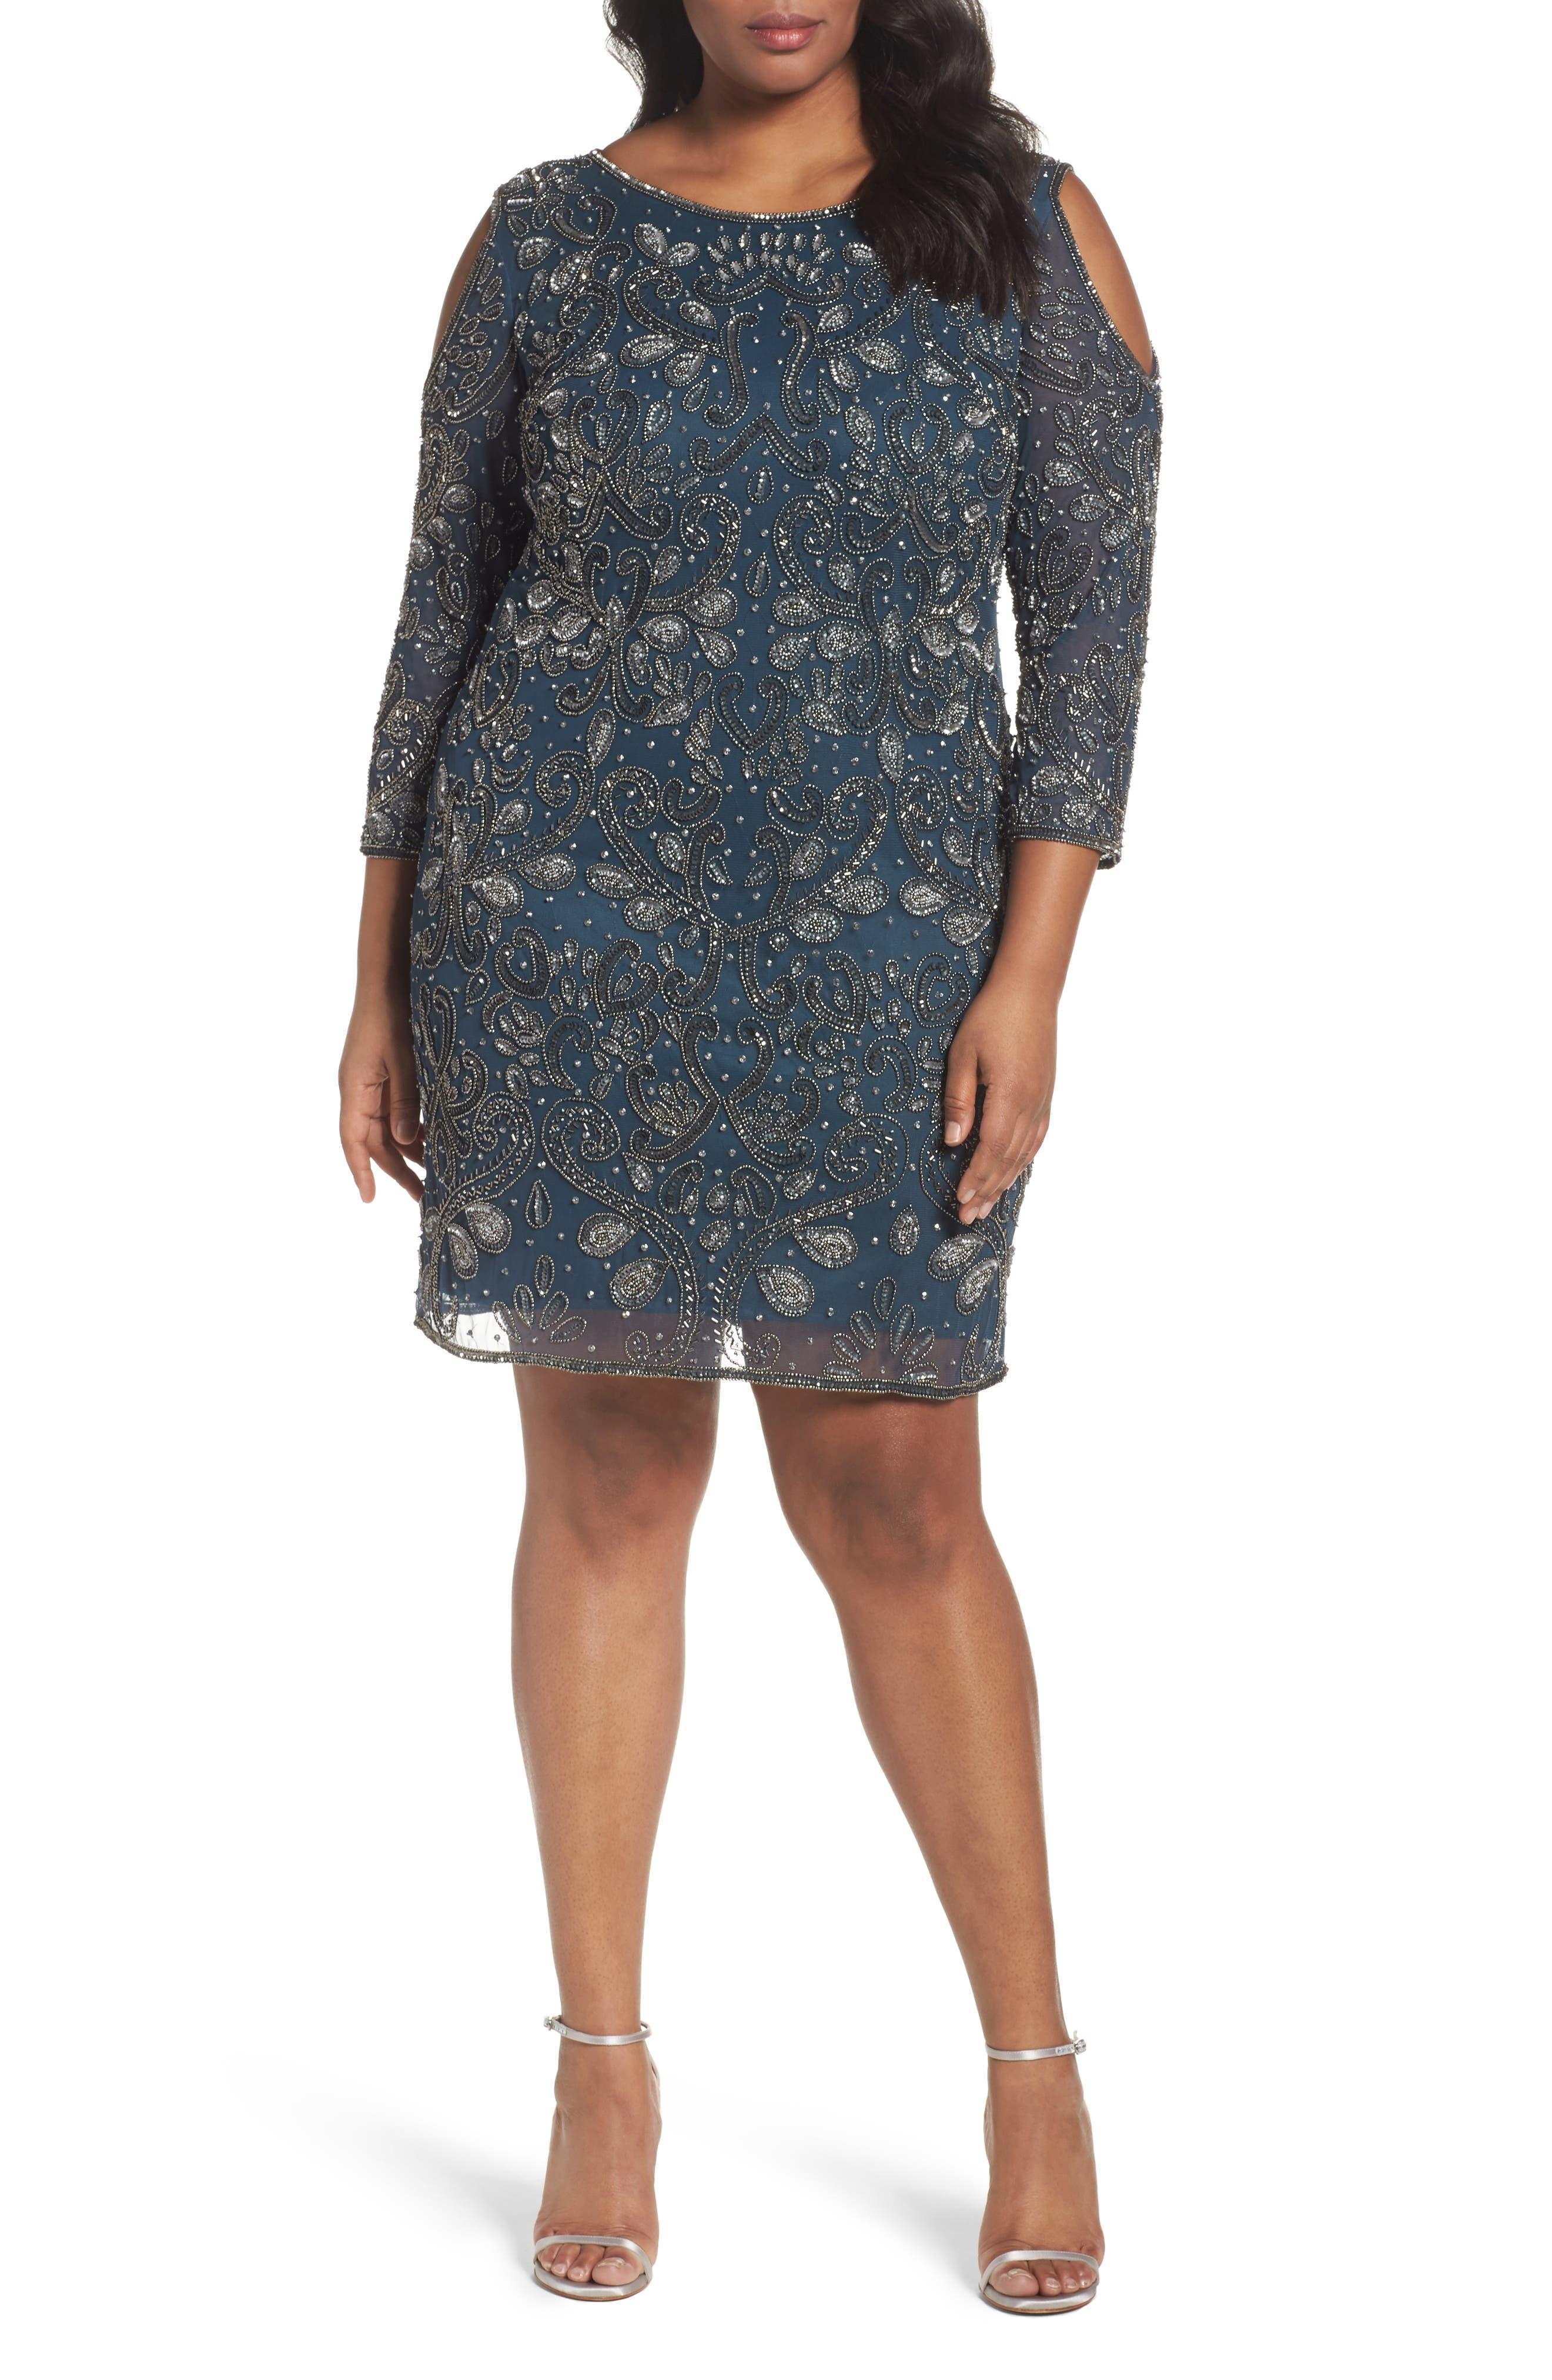 Main Image - Pisarro Nights Embellished Cold Shoulder Dress (Plus Size)